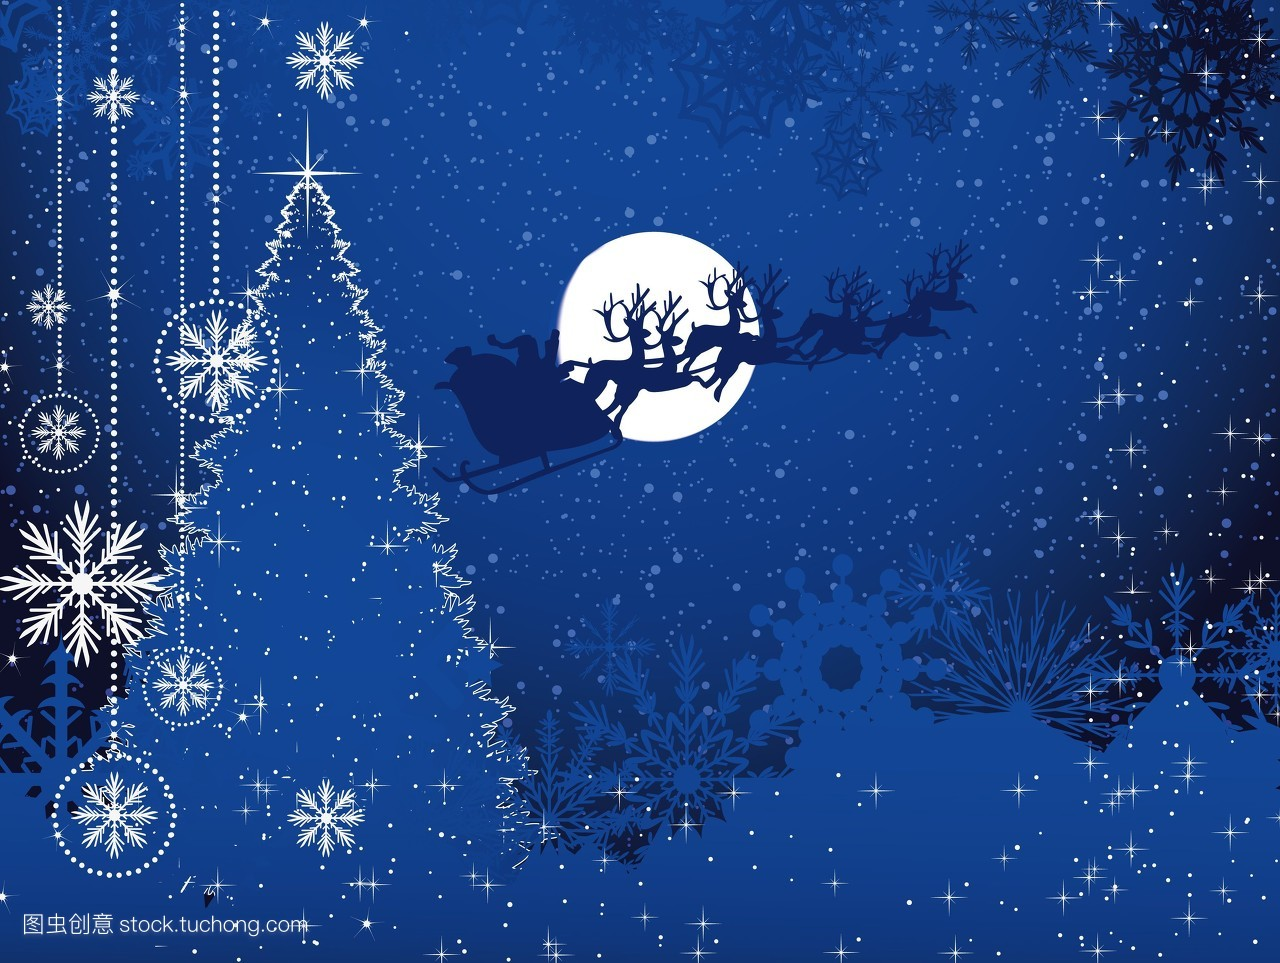 雪,雪花,绘图,自然,岁月,叶子,装饰,圣诞节,概念,圣诞老人,快乐,创意图片